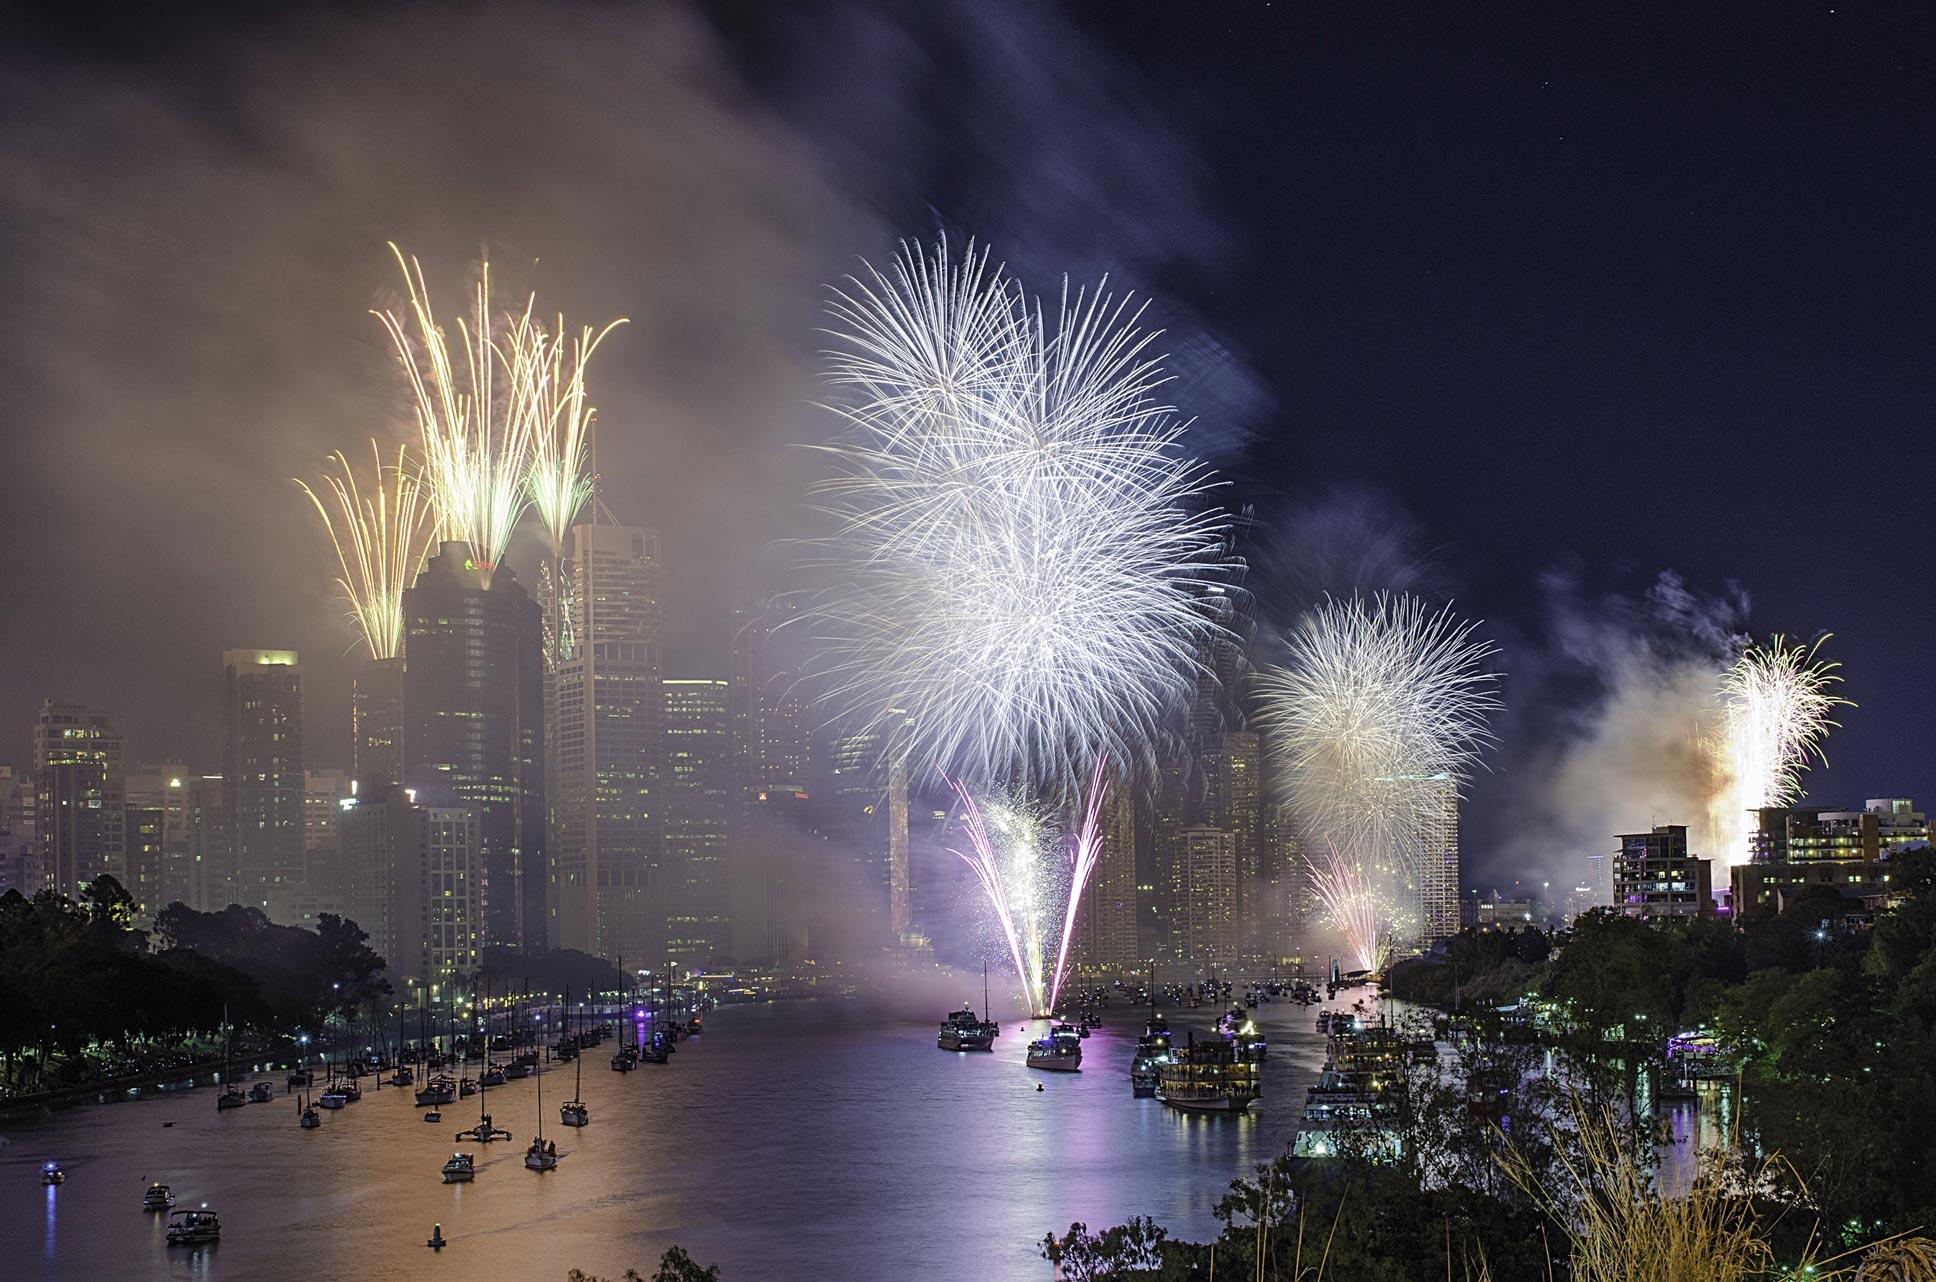 Paesaggi-Australia - DSC 4272 - Fuochi d'artificio in Australia - Fuochi d'artificio in Australia